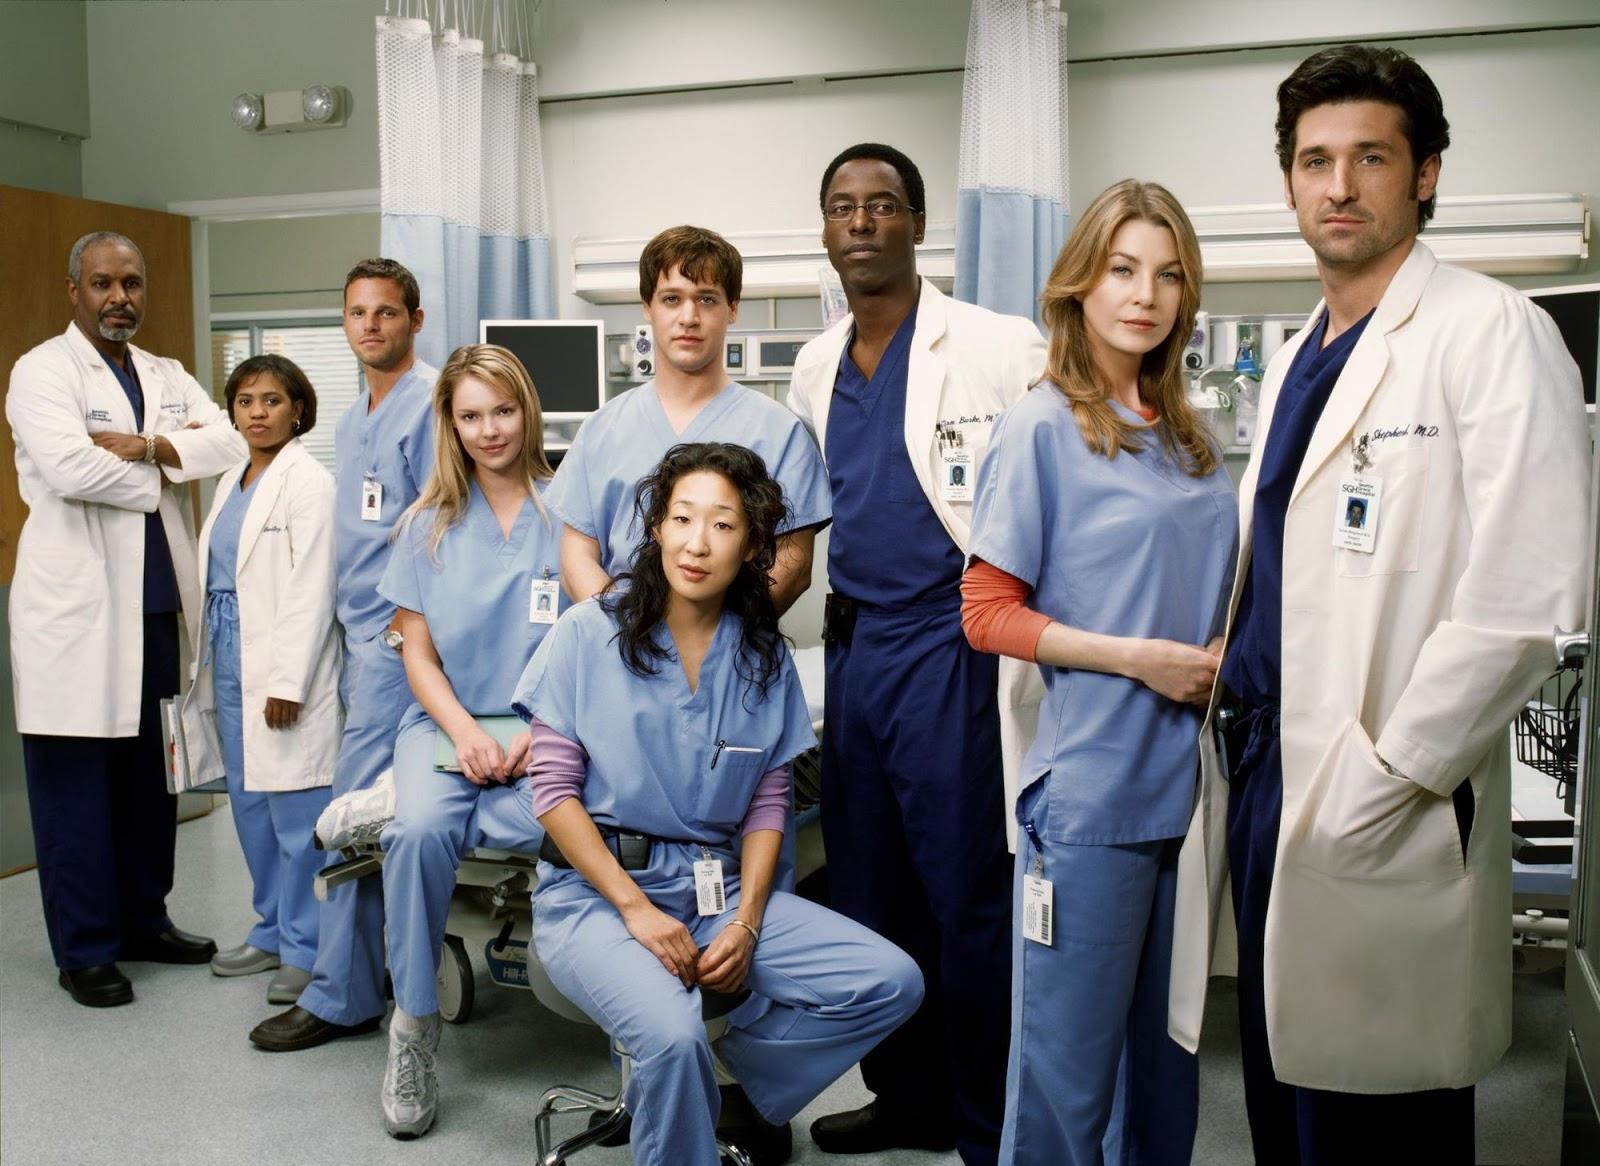 15 Temporada De Grey's Anatomy Assistir el spoiler compulsivo: orden de visualización del universo